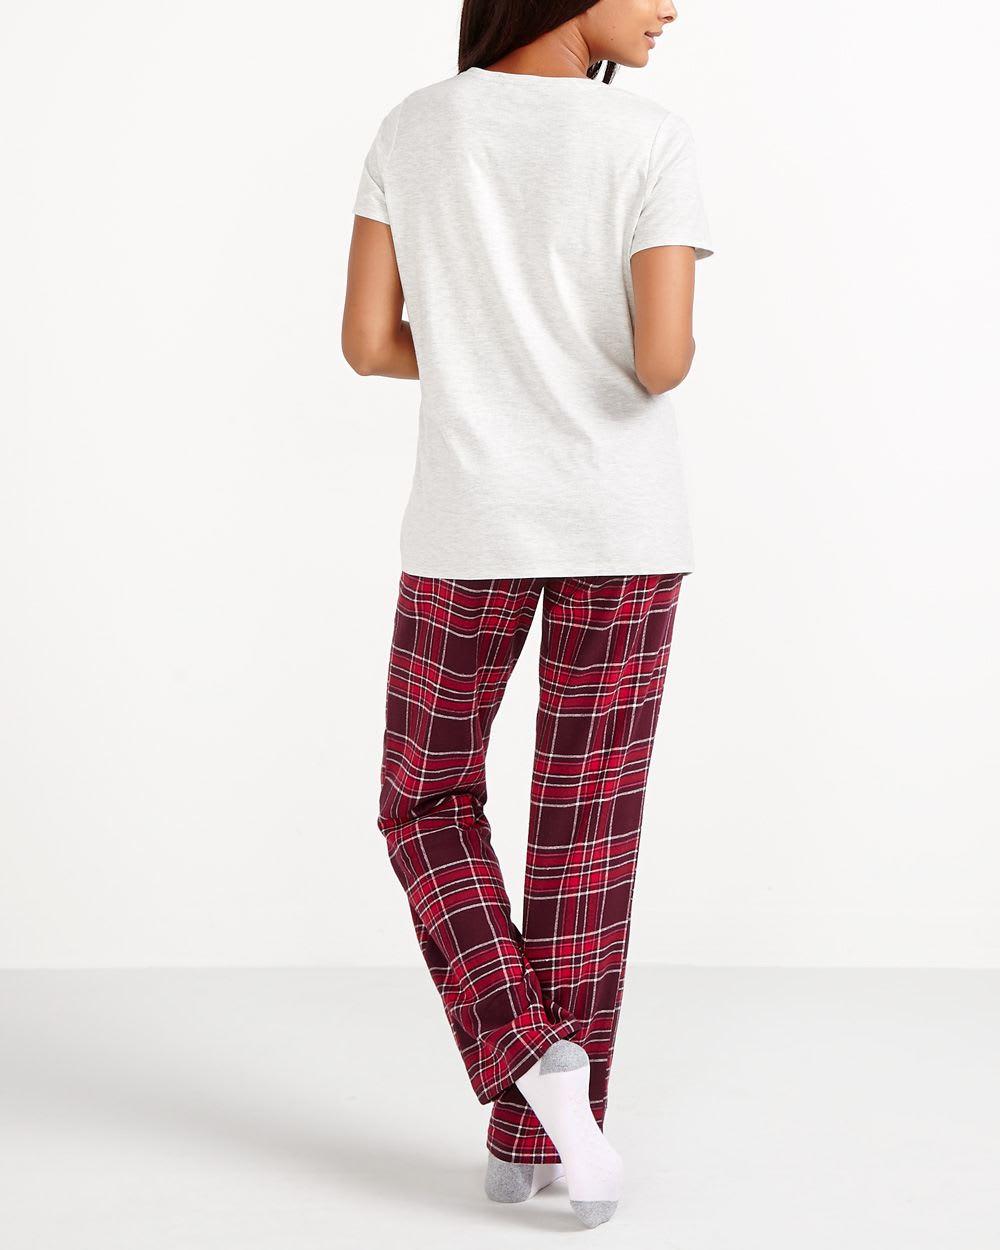 Kitten Pyjama Set